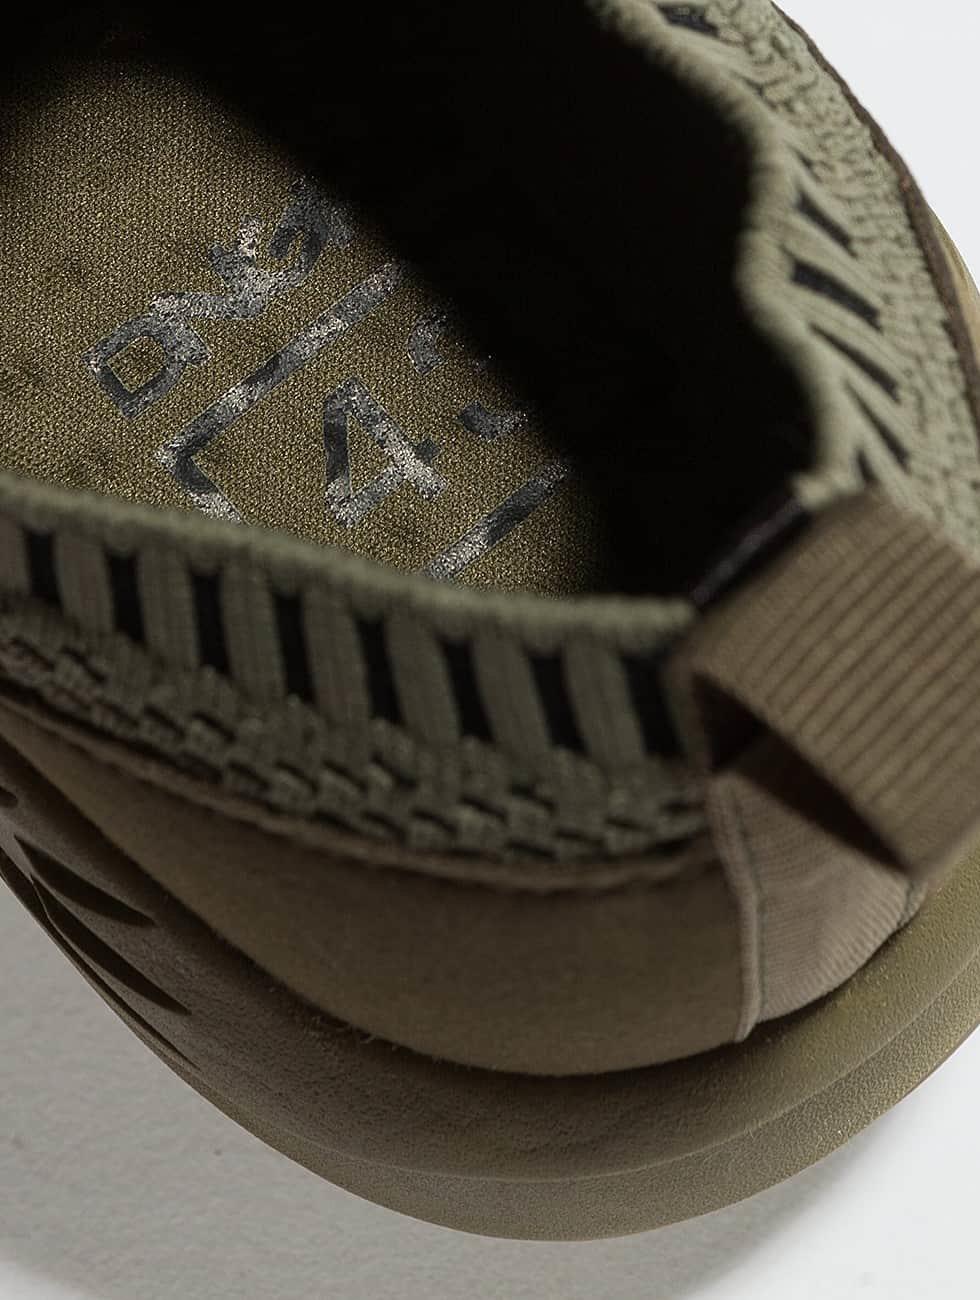 Chaussures Dngrs Dangereuses / Baskets Dans Justus Olive 395538 Site Officiel 100% Original TQuZEsk6